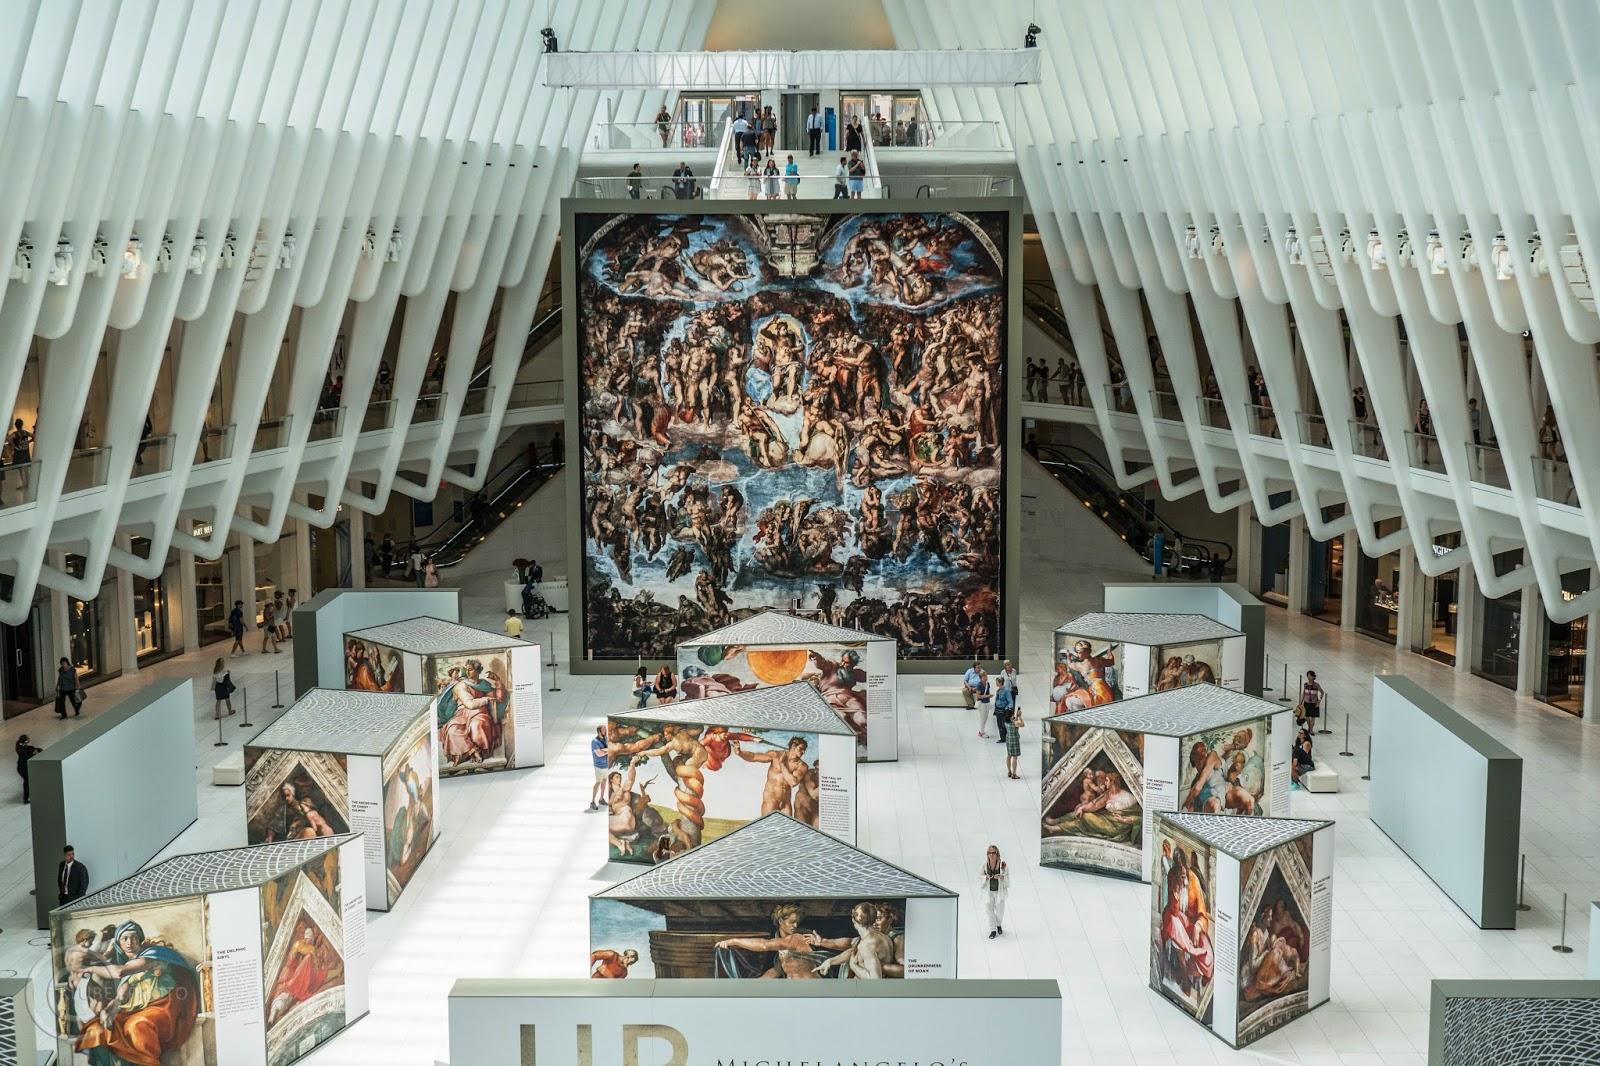 Sixtinische Kapelle oculus